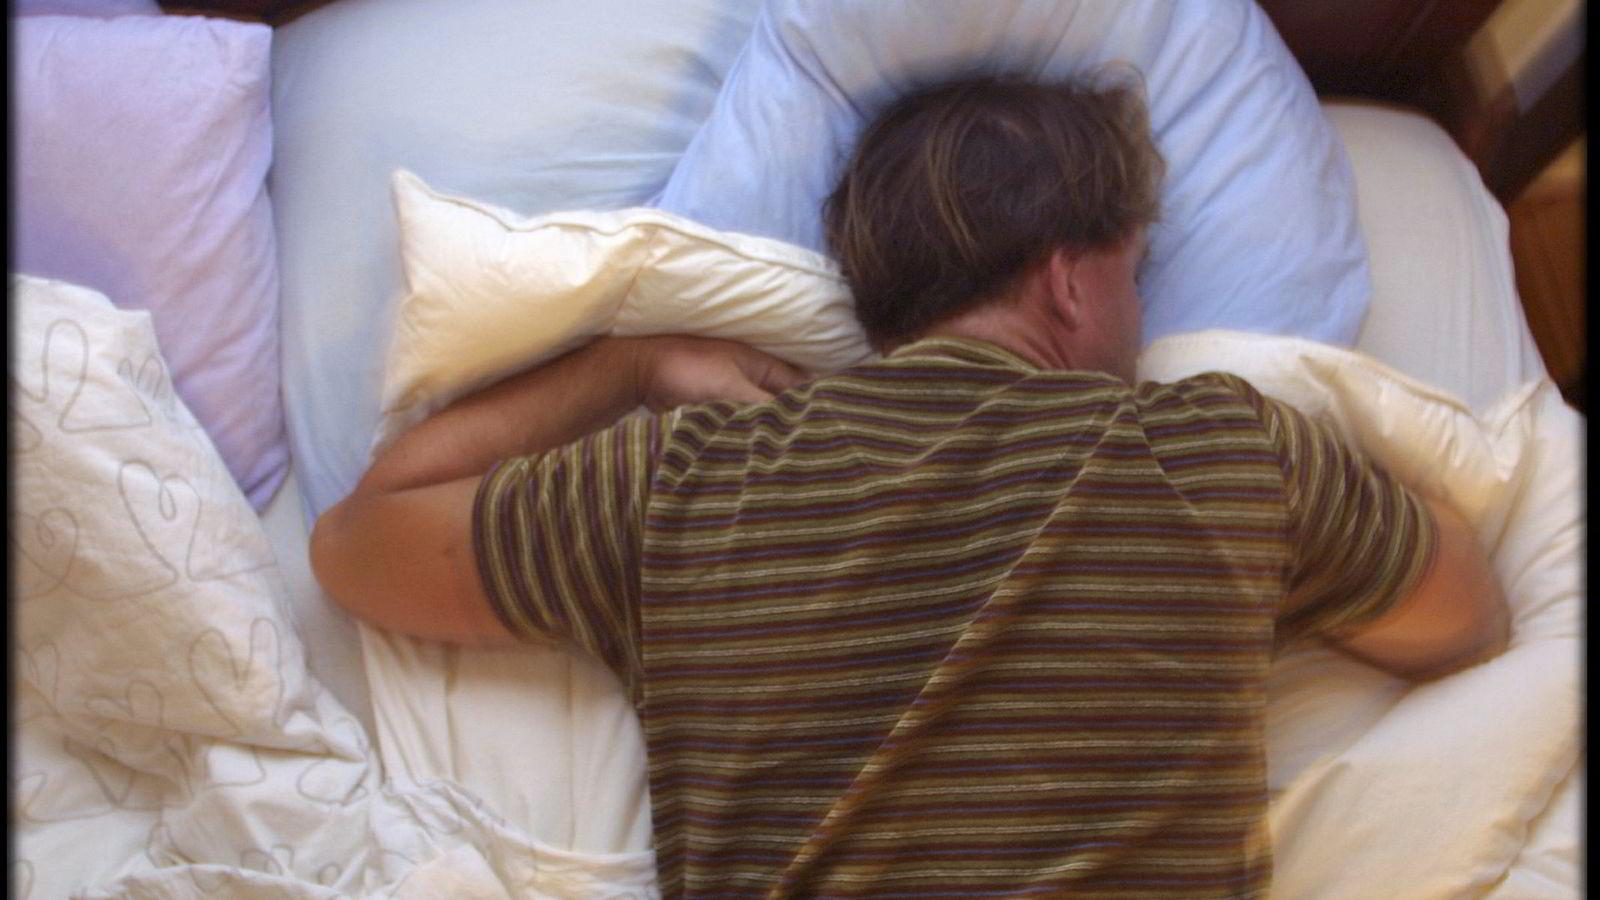 Mange studenter sliten med søvnproblemer.